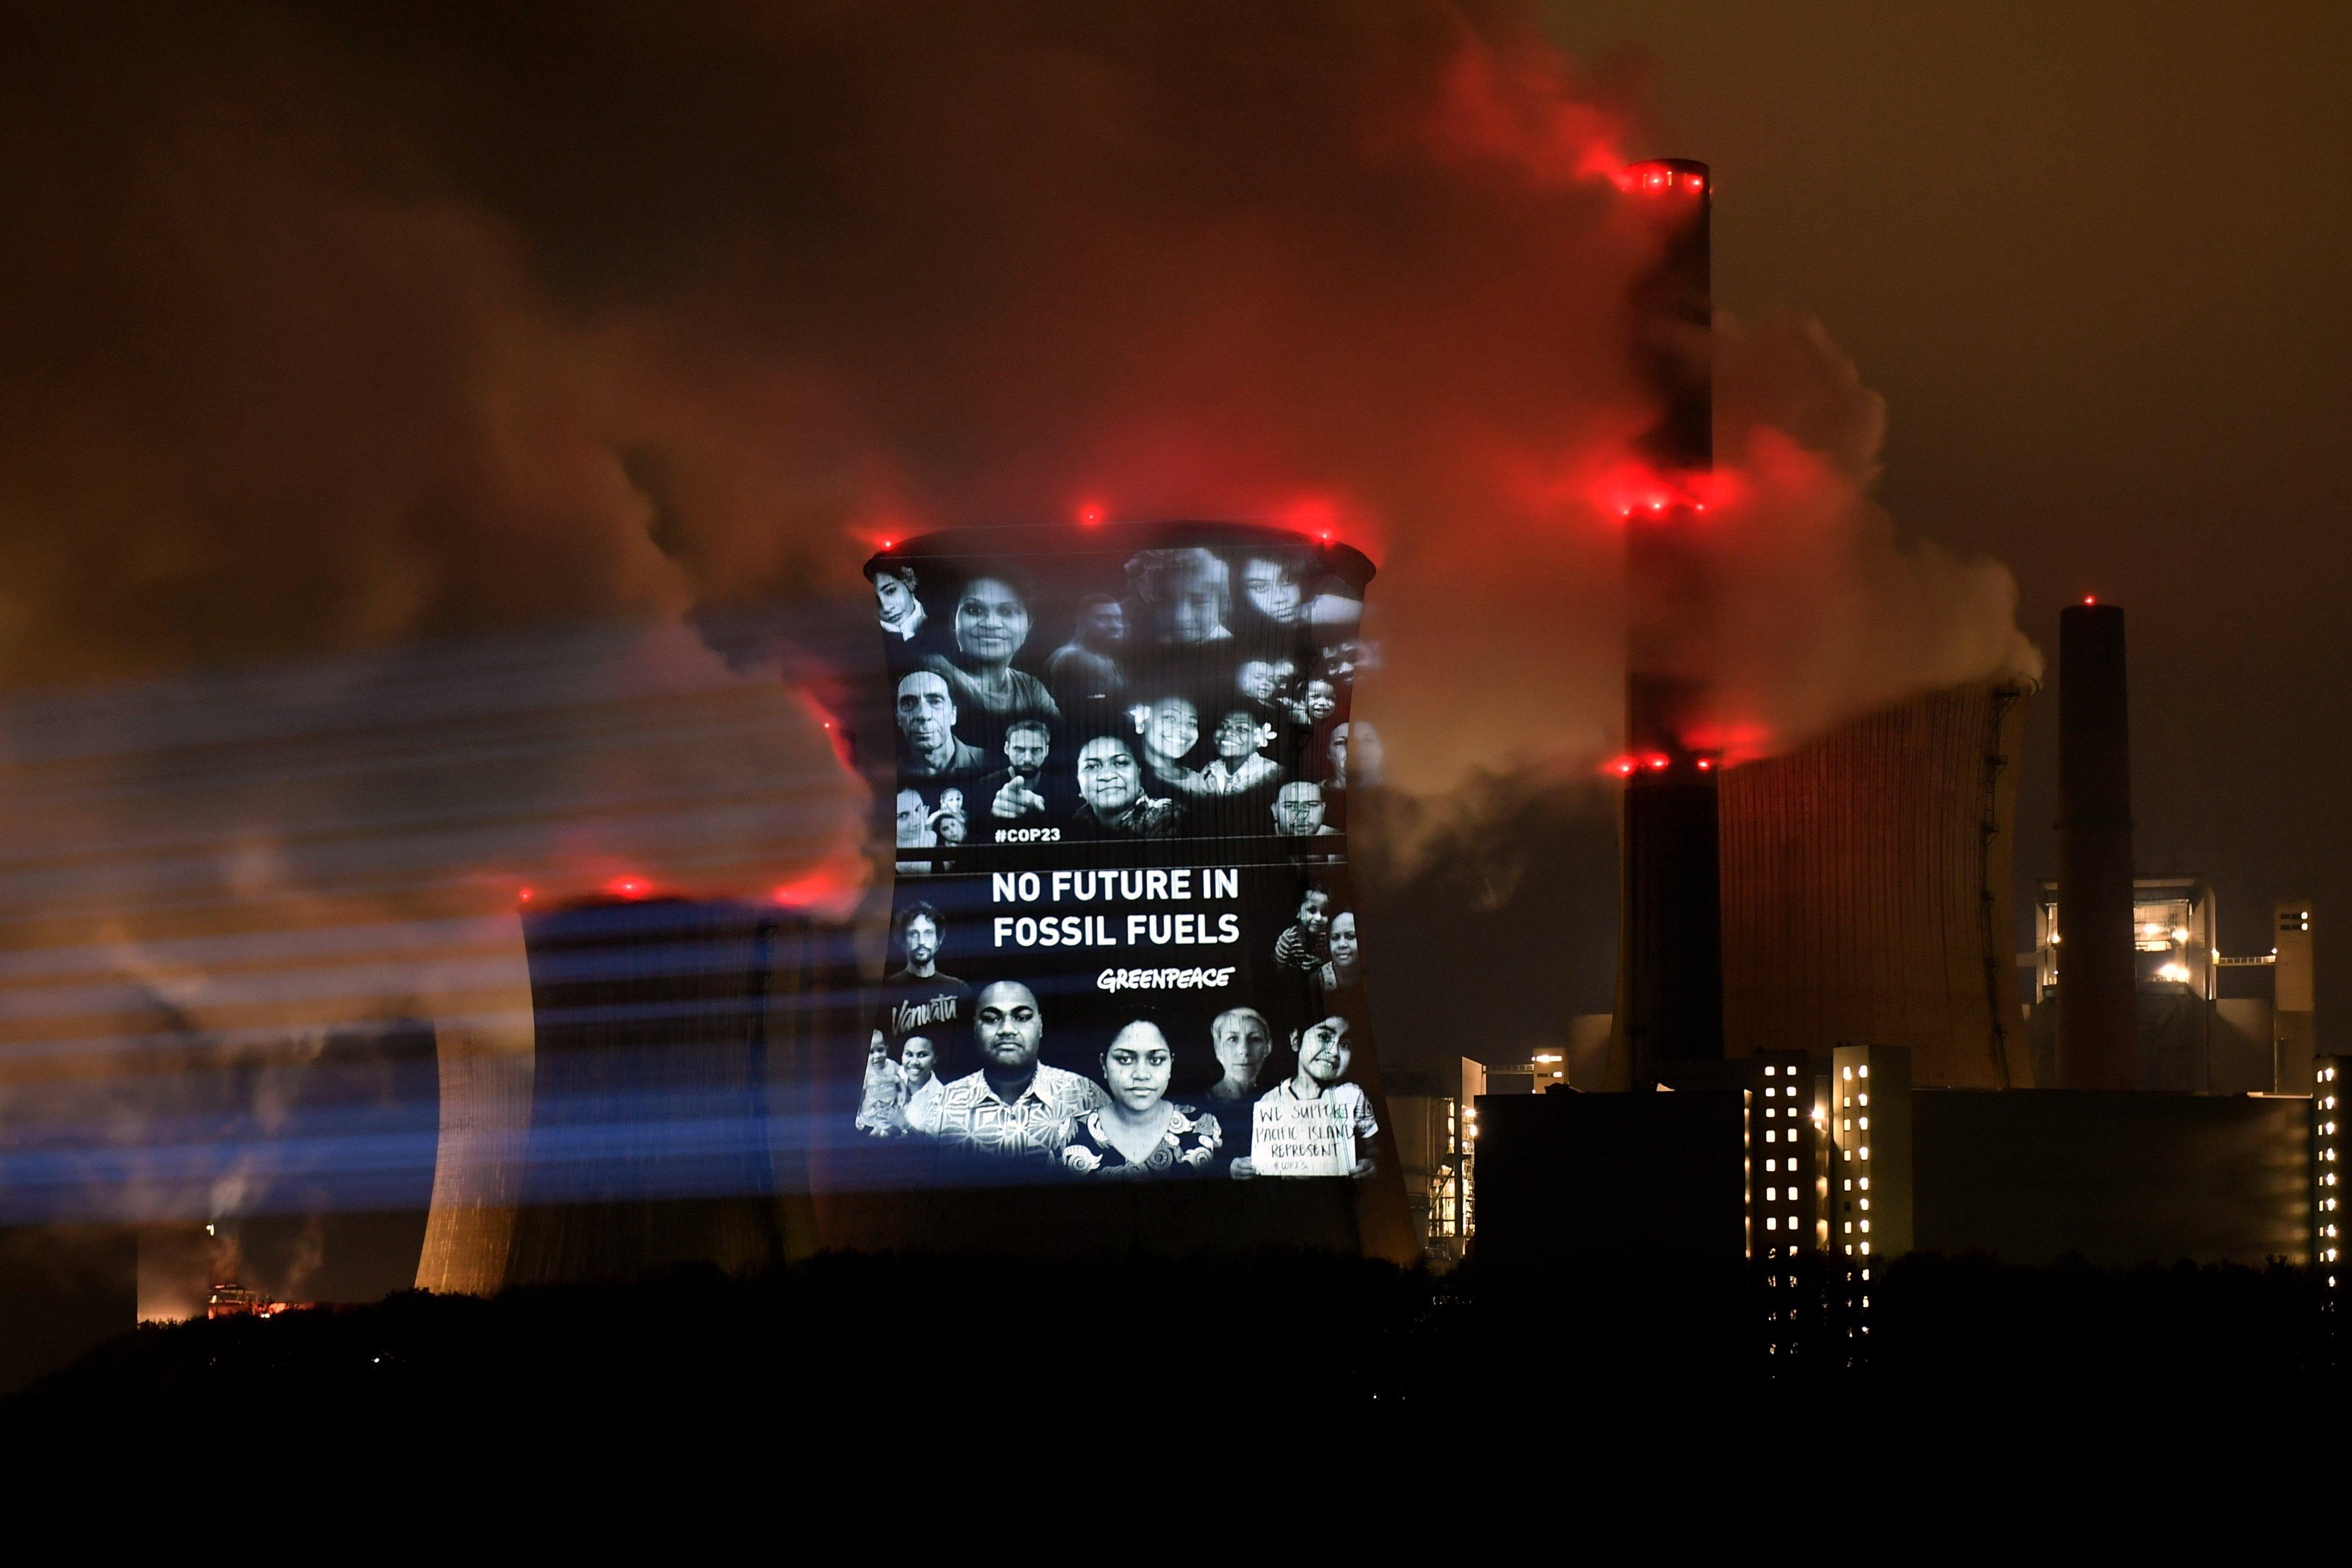 Protesta de Greenpeace durant la Conferència de Canvi Climàtic COP23. /SASCHA STEINBACH